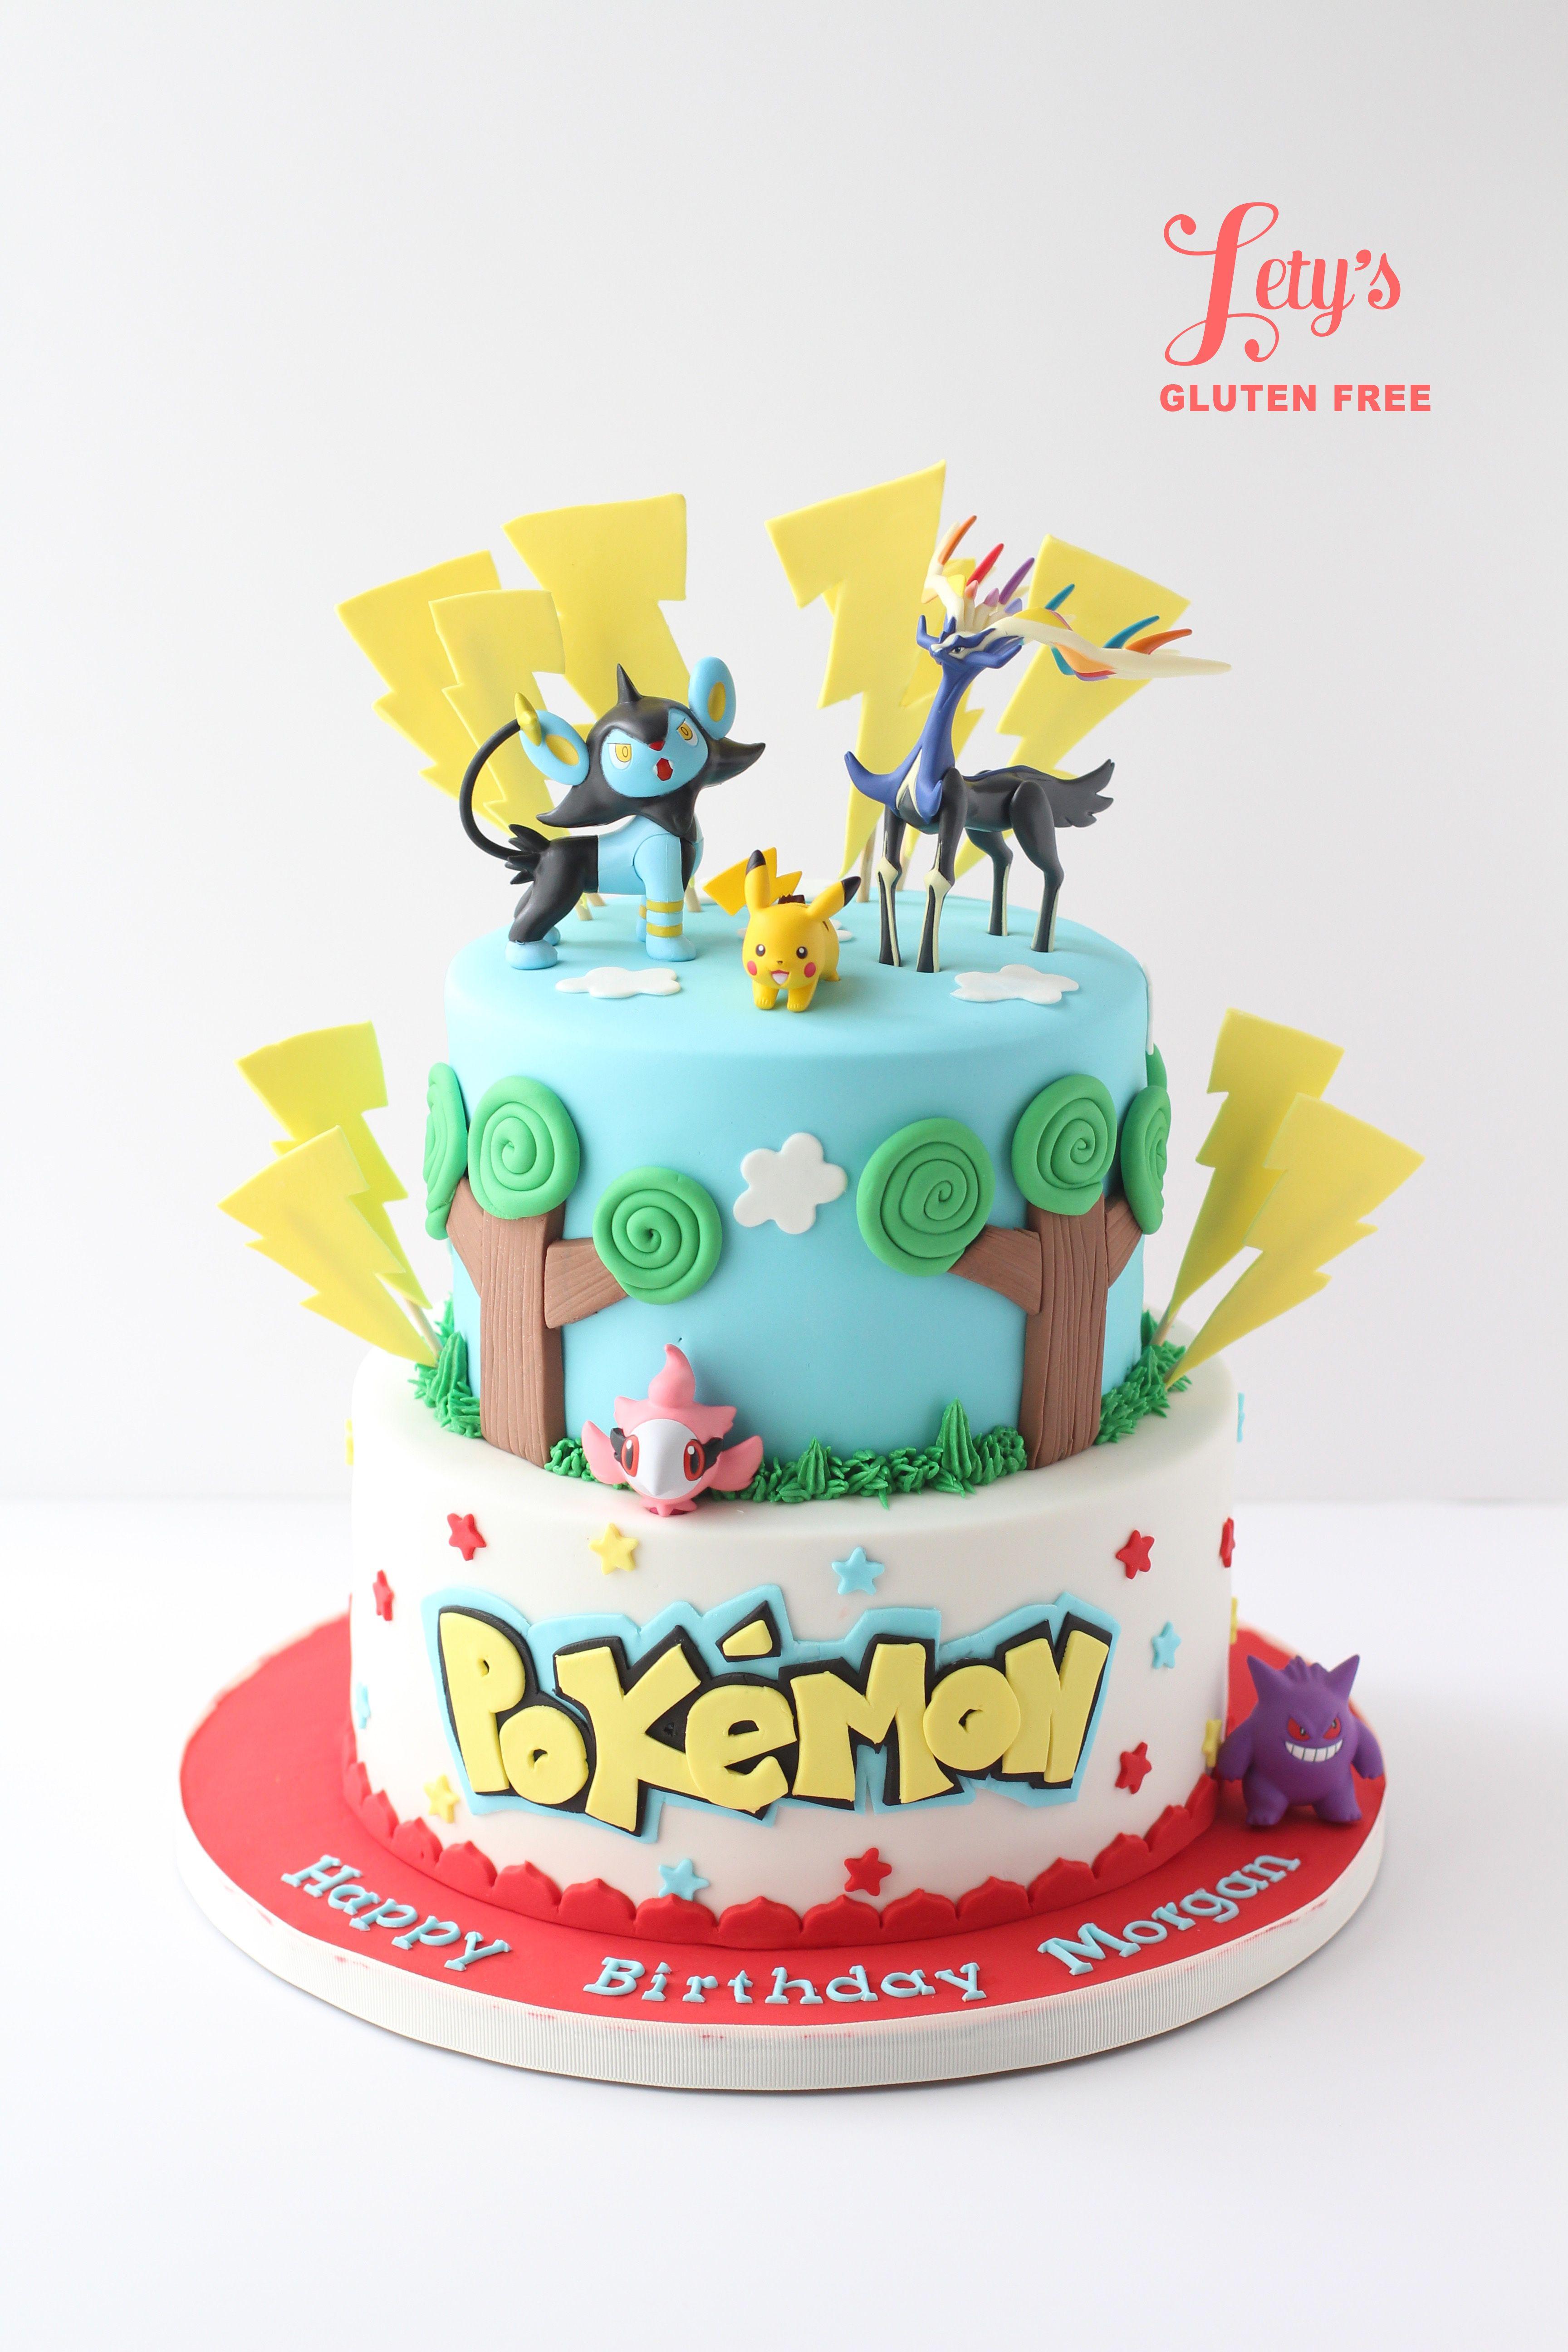 Gluten Free Birthday Cake Houston Tx